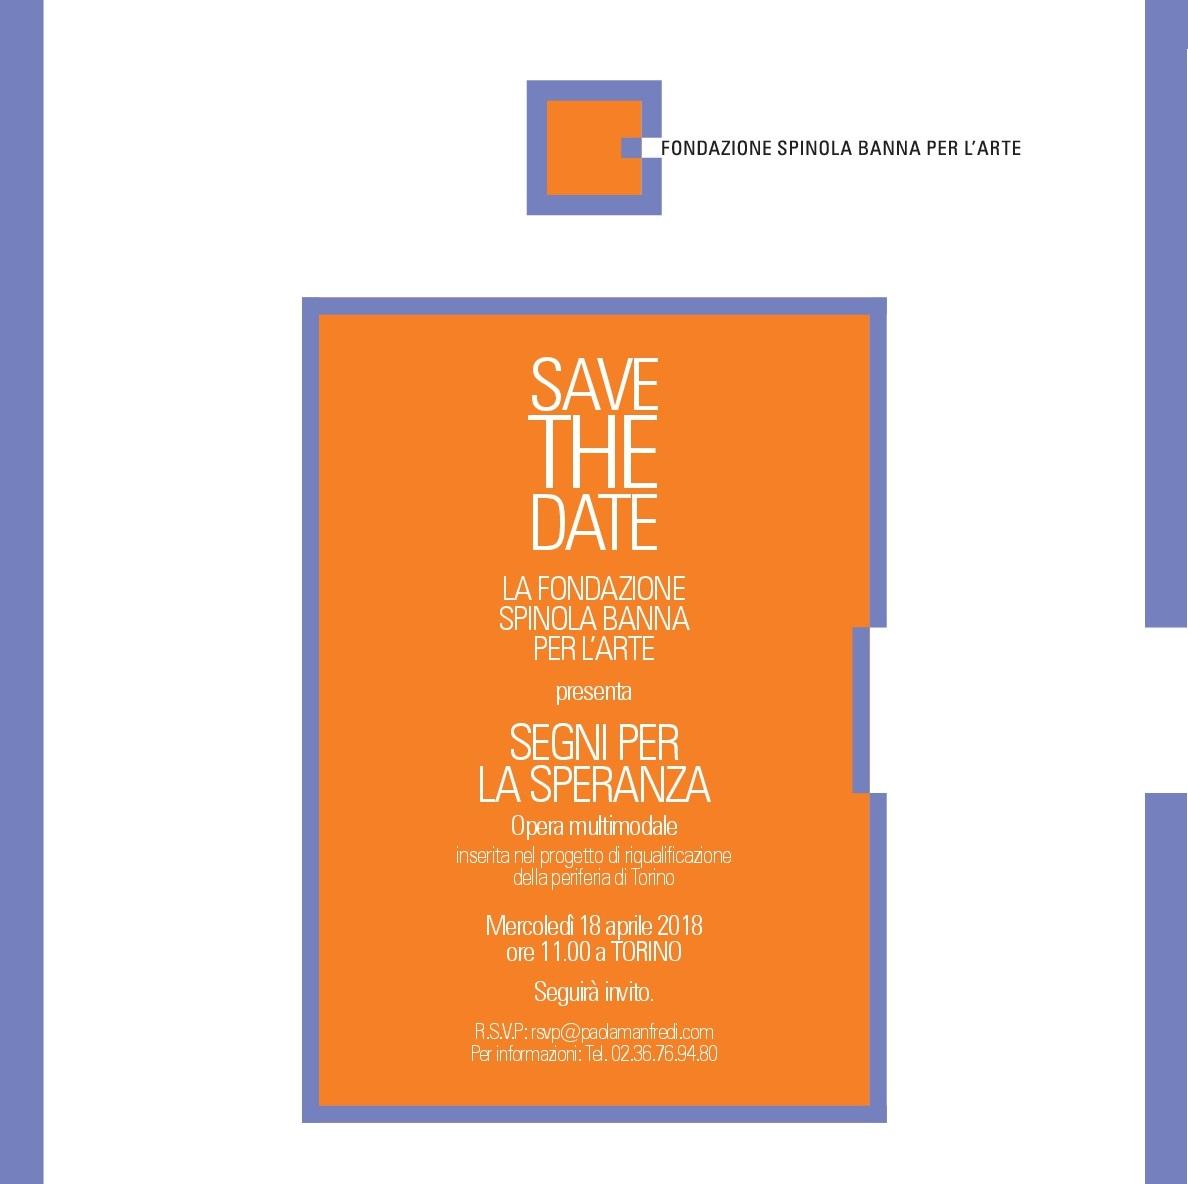 Fondazione Spinola Banna per l'Arte |  Segni per la speranza